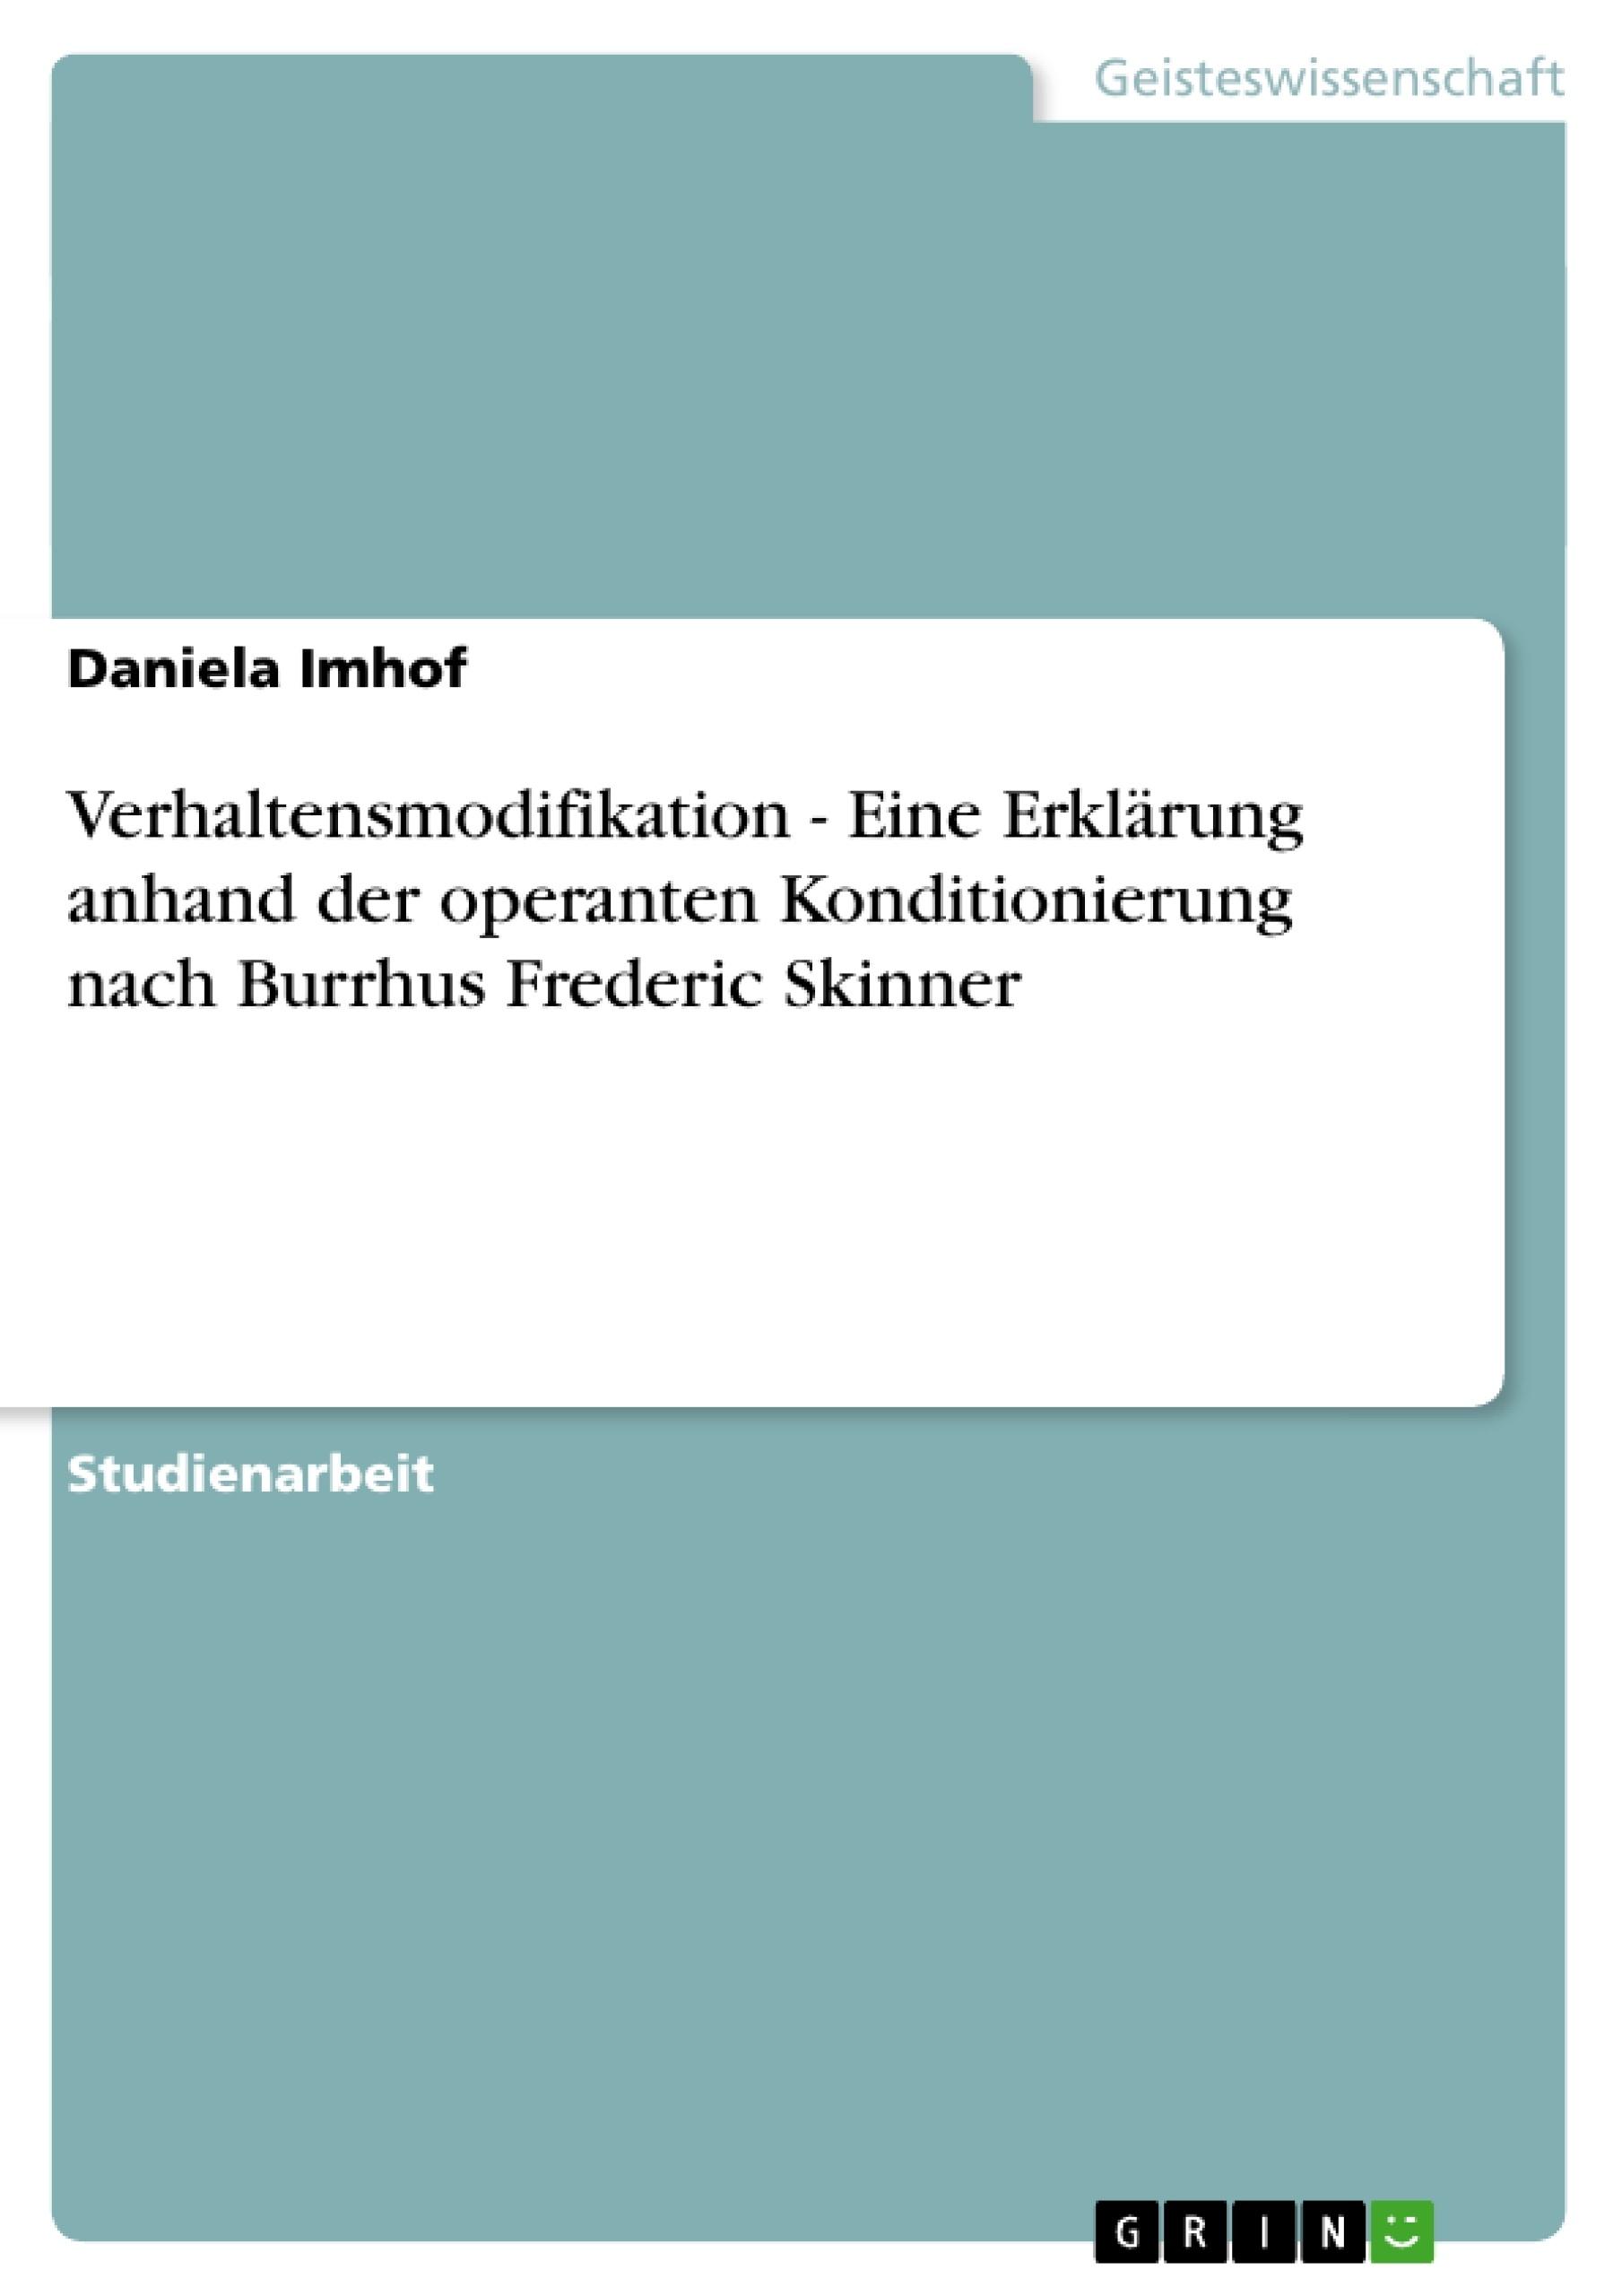 Titel: Verhaltensmodifikation - Eine Erklärung anhand der  operanten Konditionierung nach Burrhus Frederic Skinner